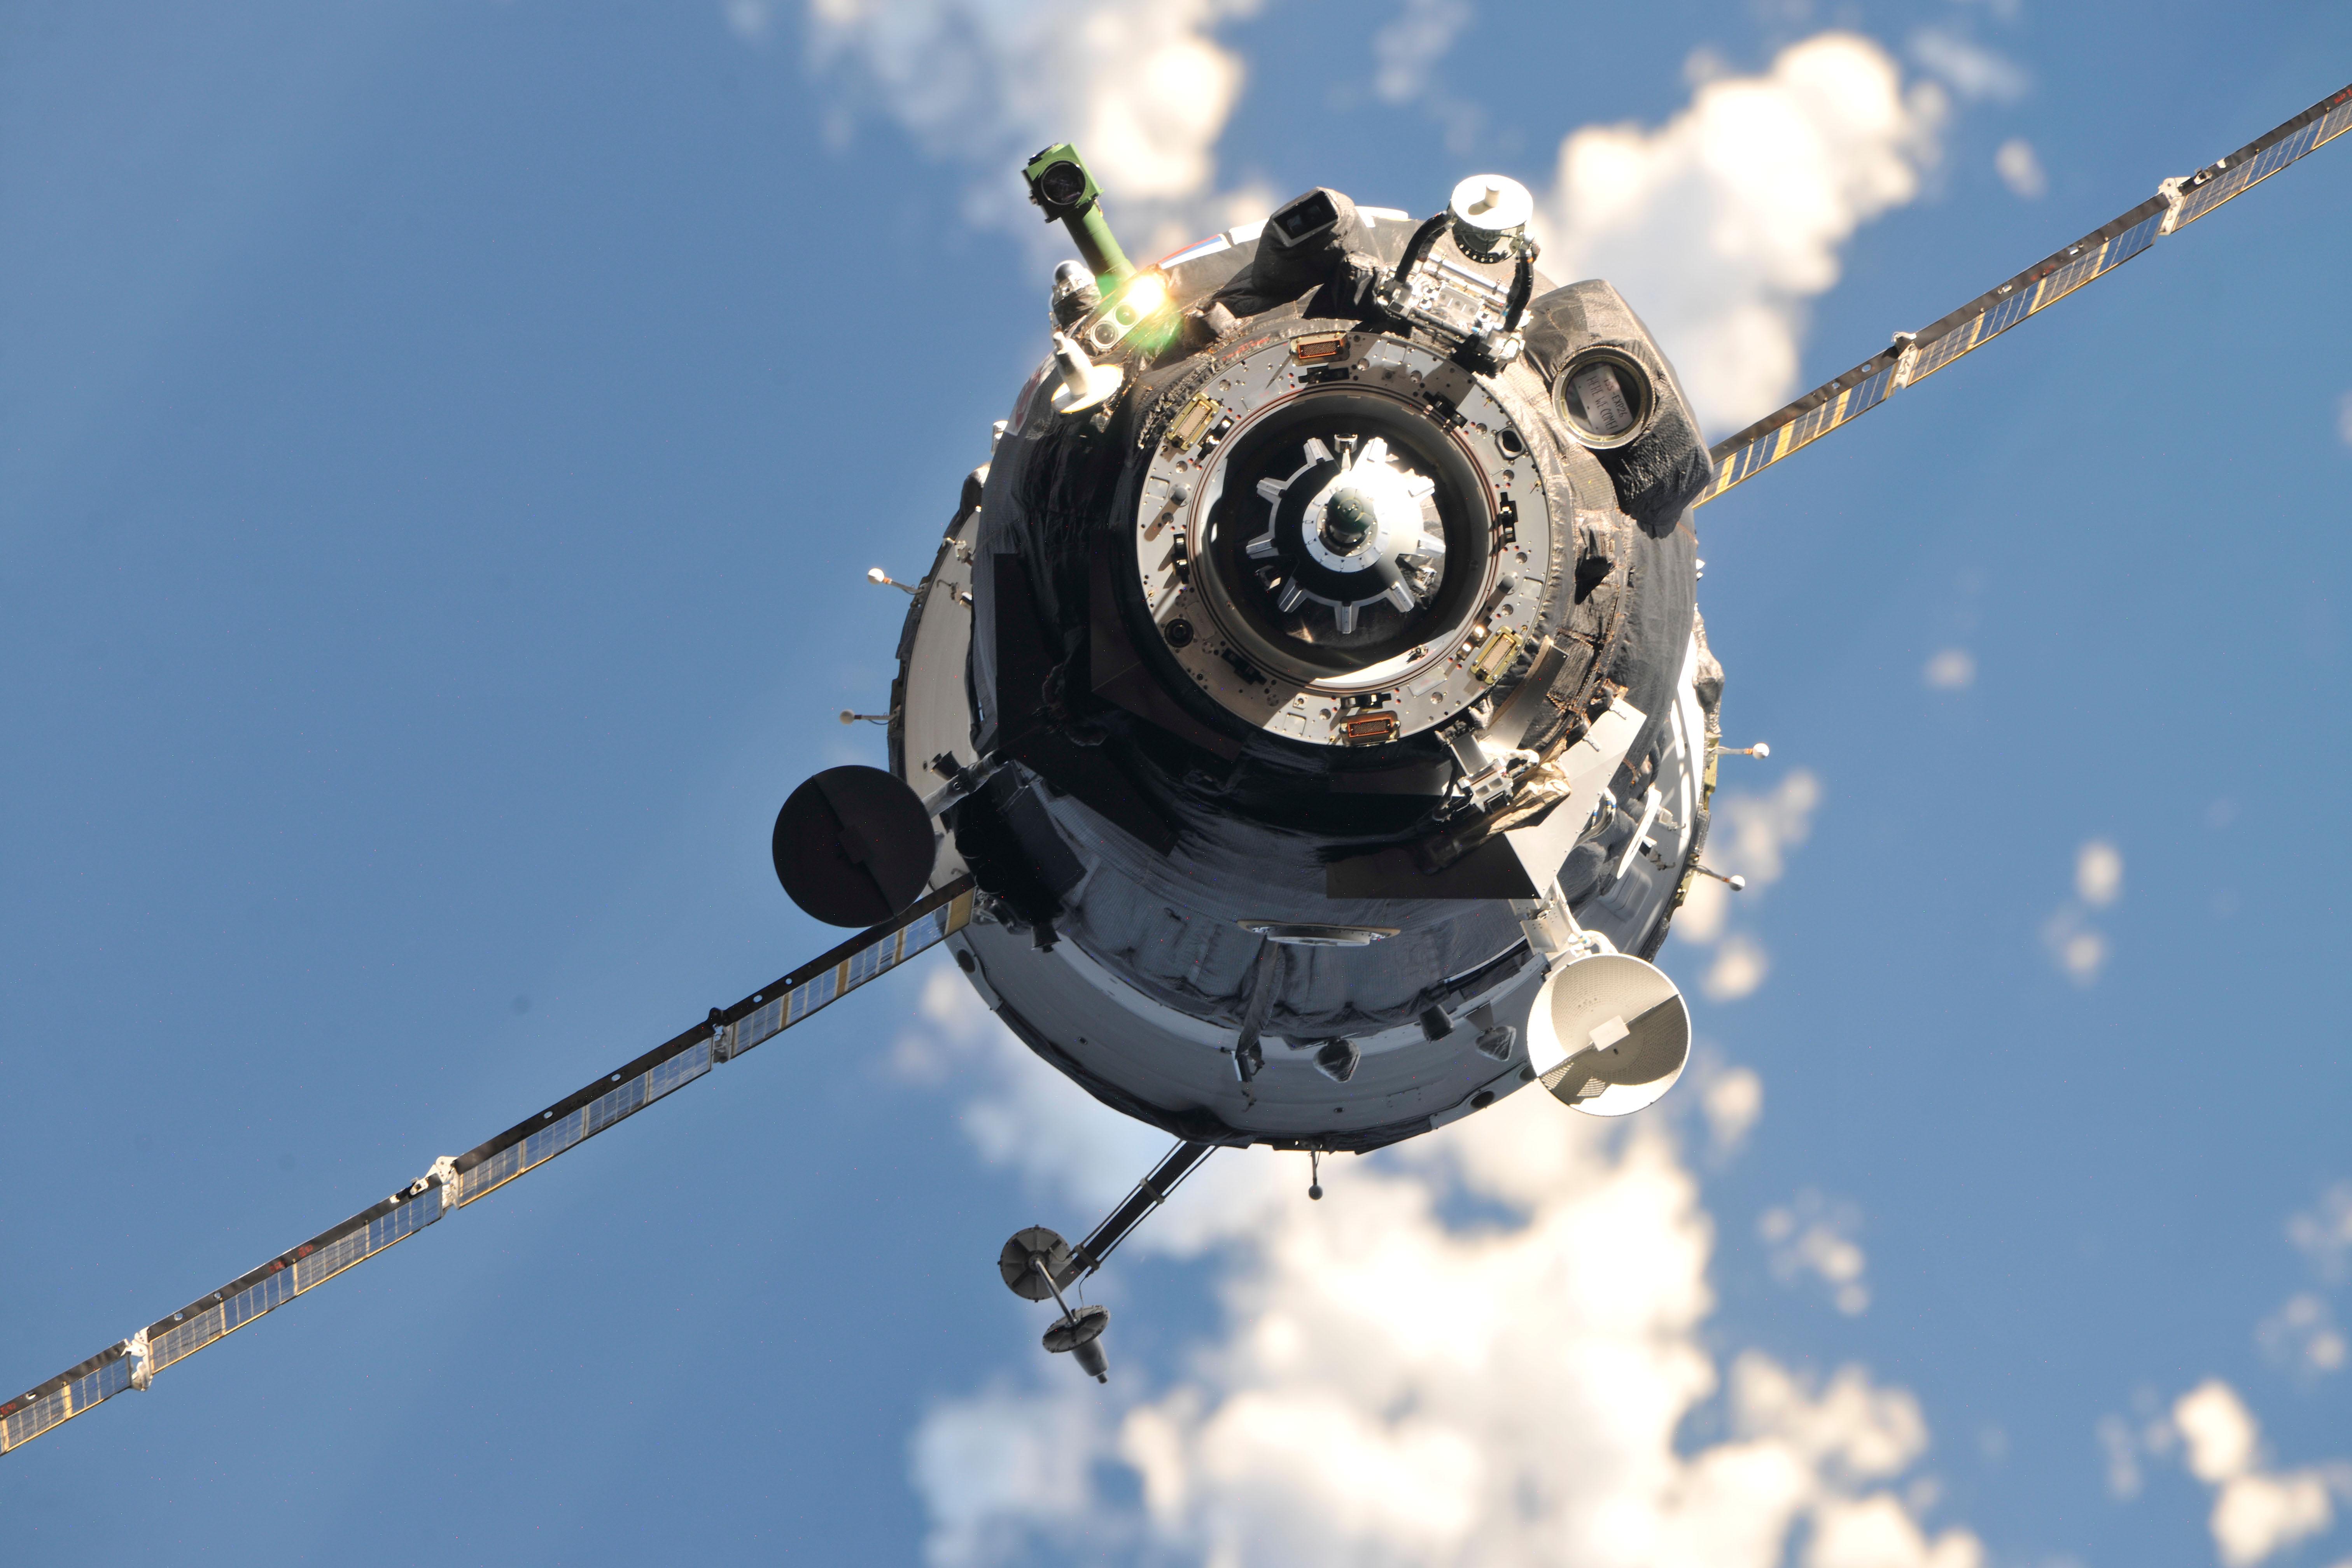 russian spacecraft soyuz - photo #13